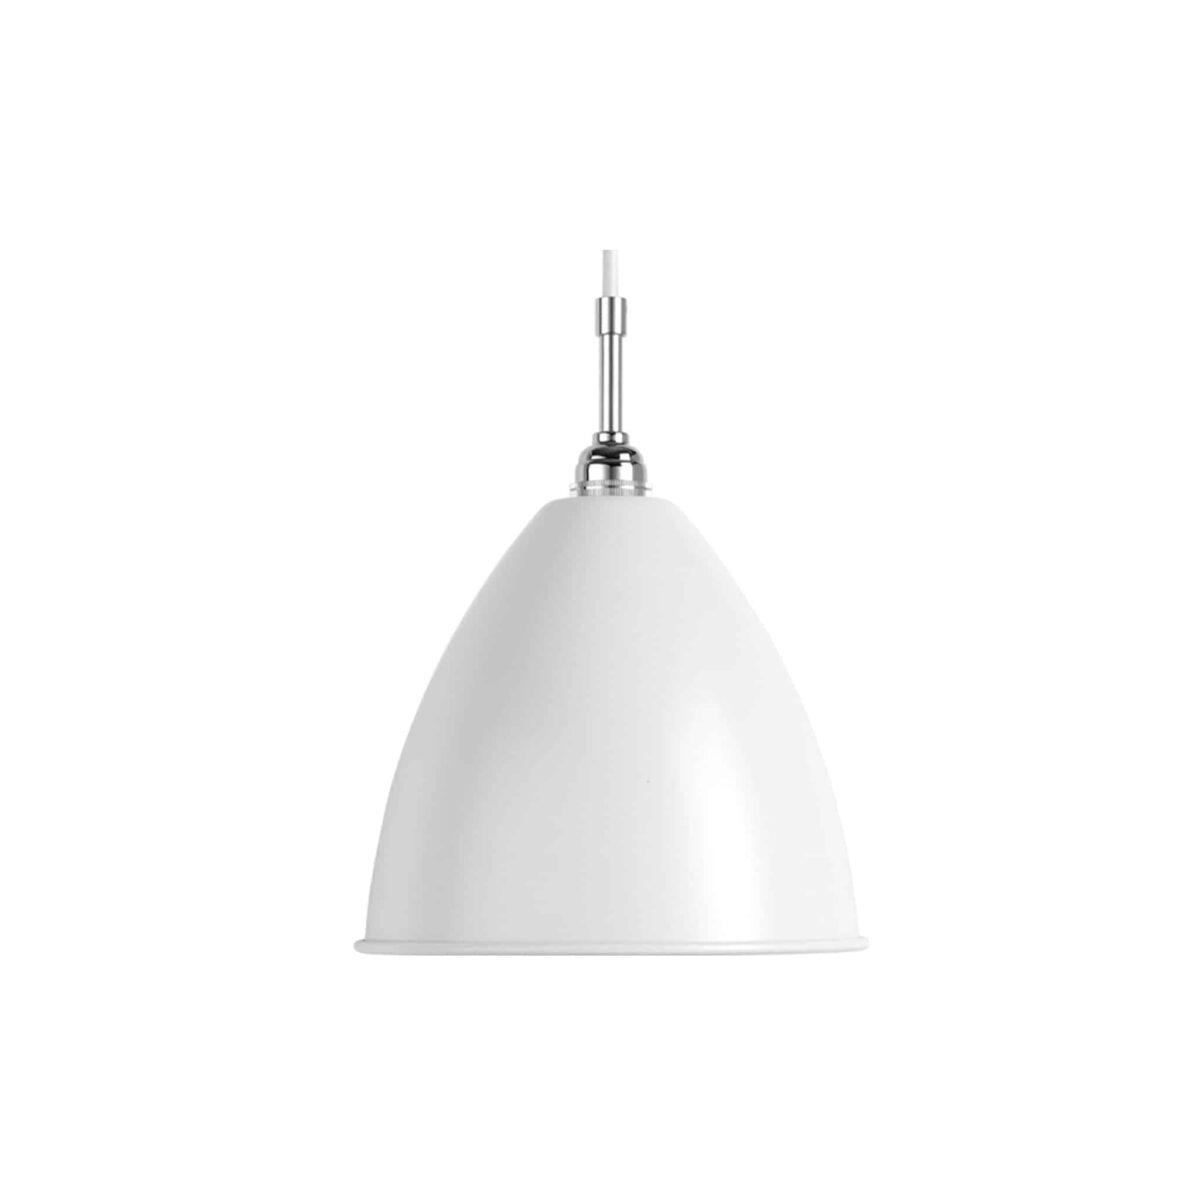 gubi-bestlite-bl9m-pendant-matt-white-chrome-001